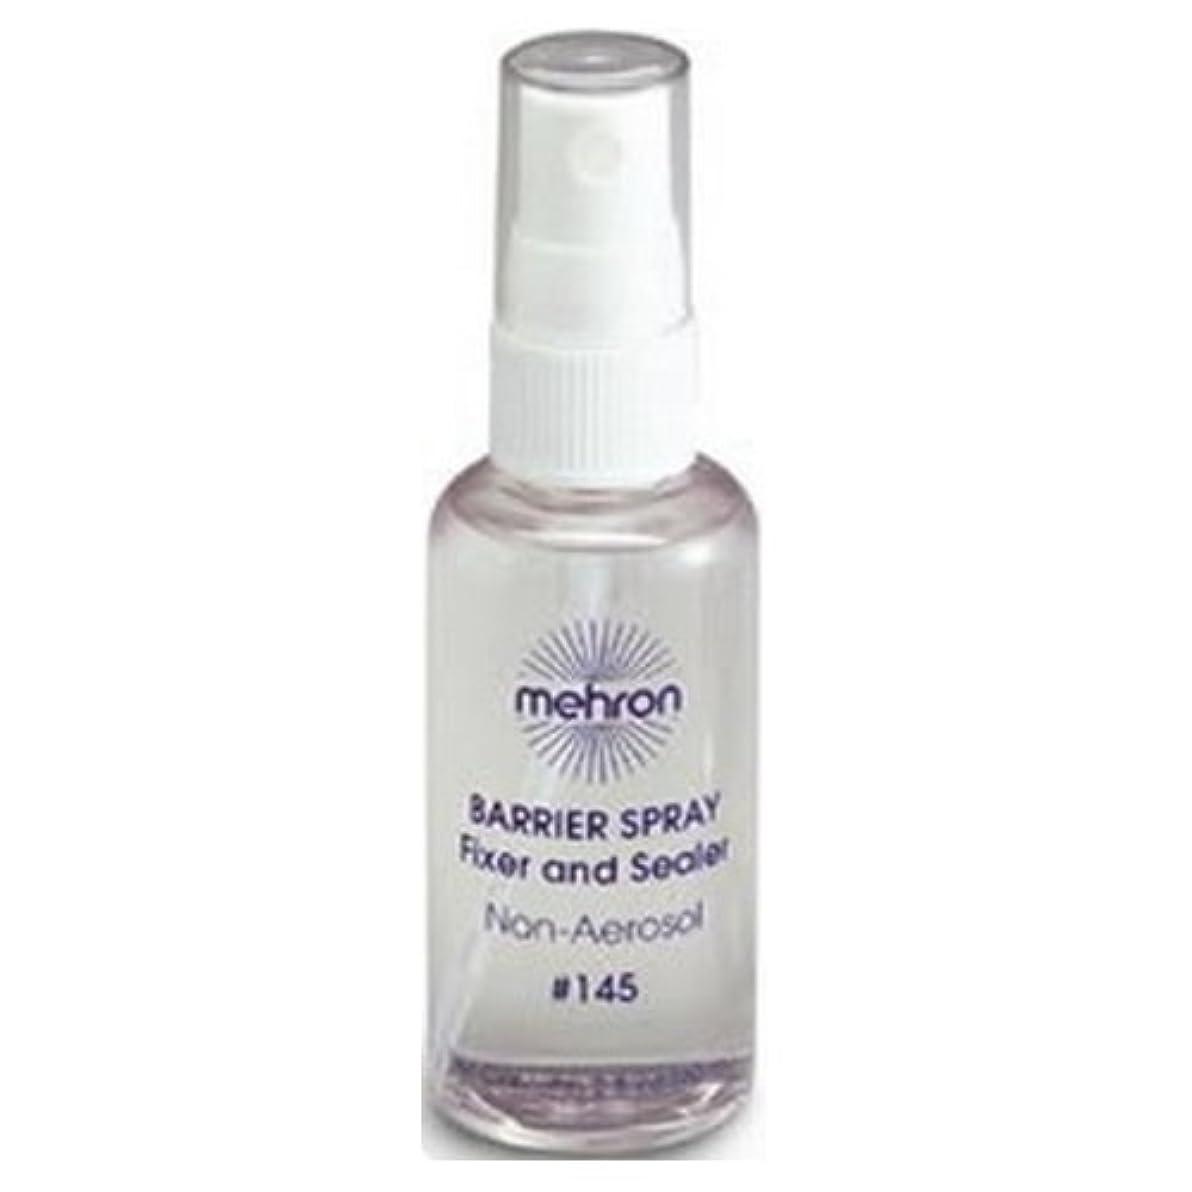 キッチン満たすキャンディー(3 Pack) mehron Barrier Spray Fixer and Sealer - Clear (並行輸入品)